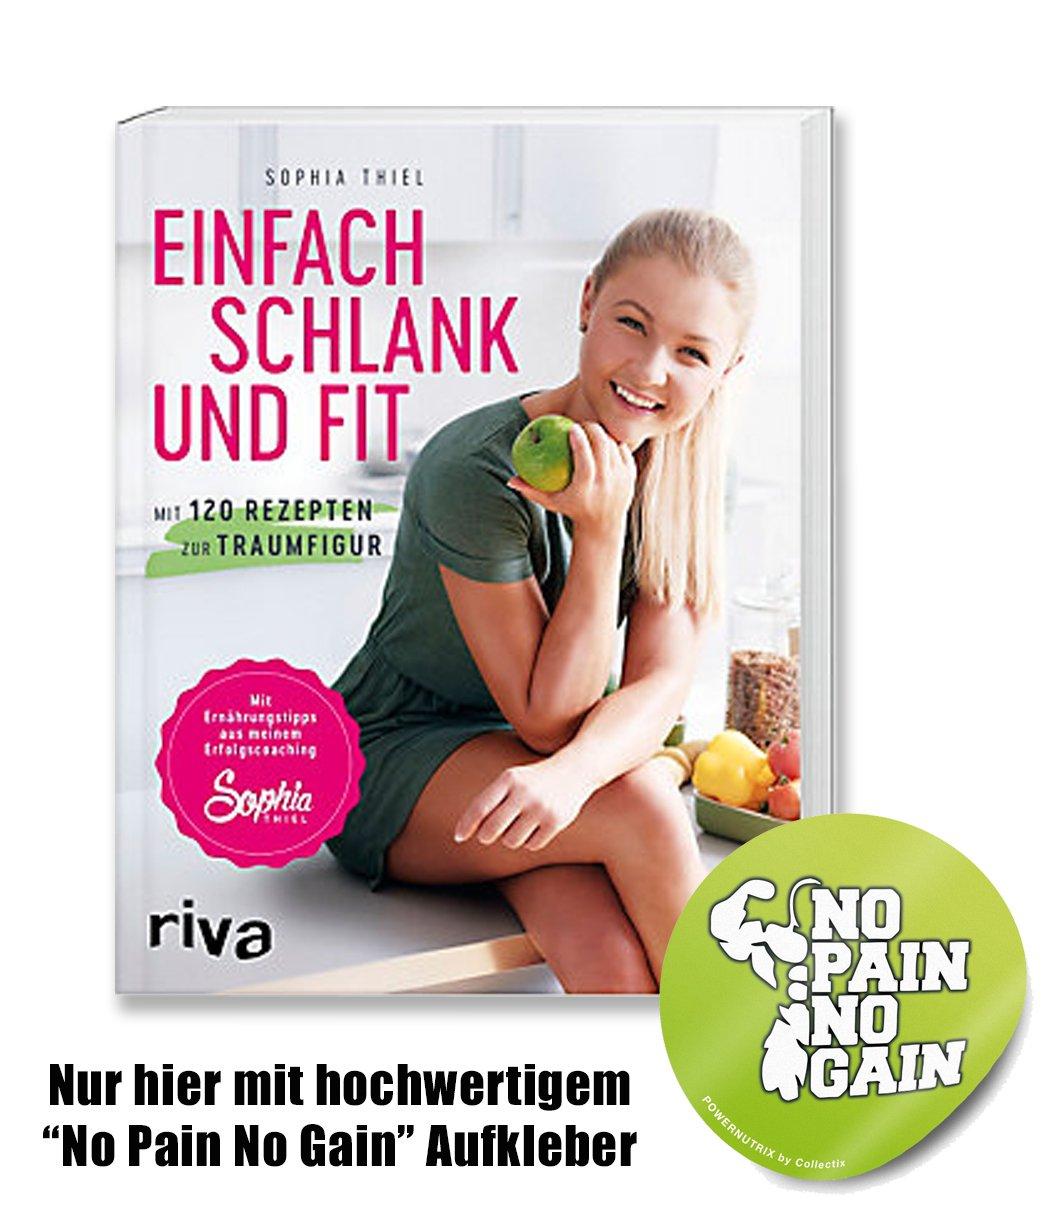 Sophia Thiel Buch | Einfach schlank und fit – mit 120 Rezepten zur Traumfigur – Fitness Kochbuch zum Abnehmen…